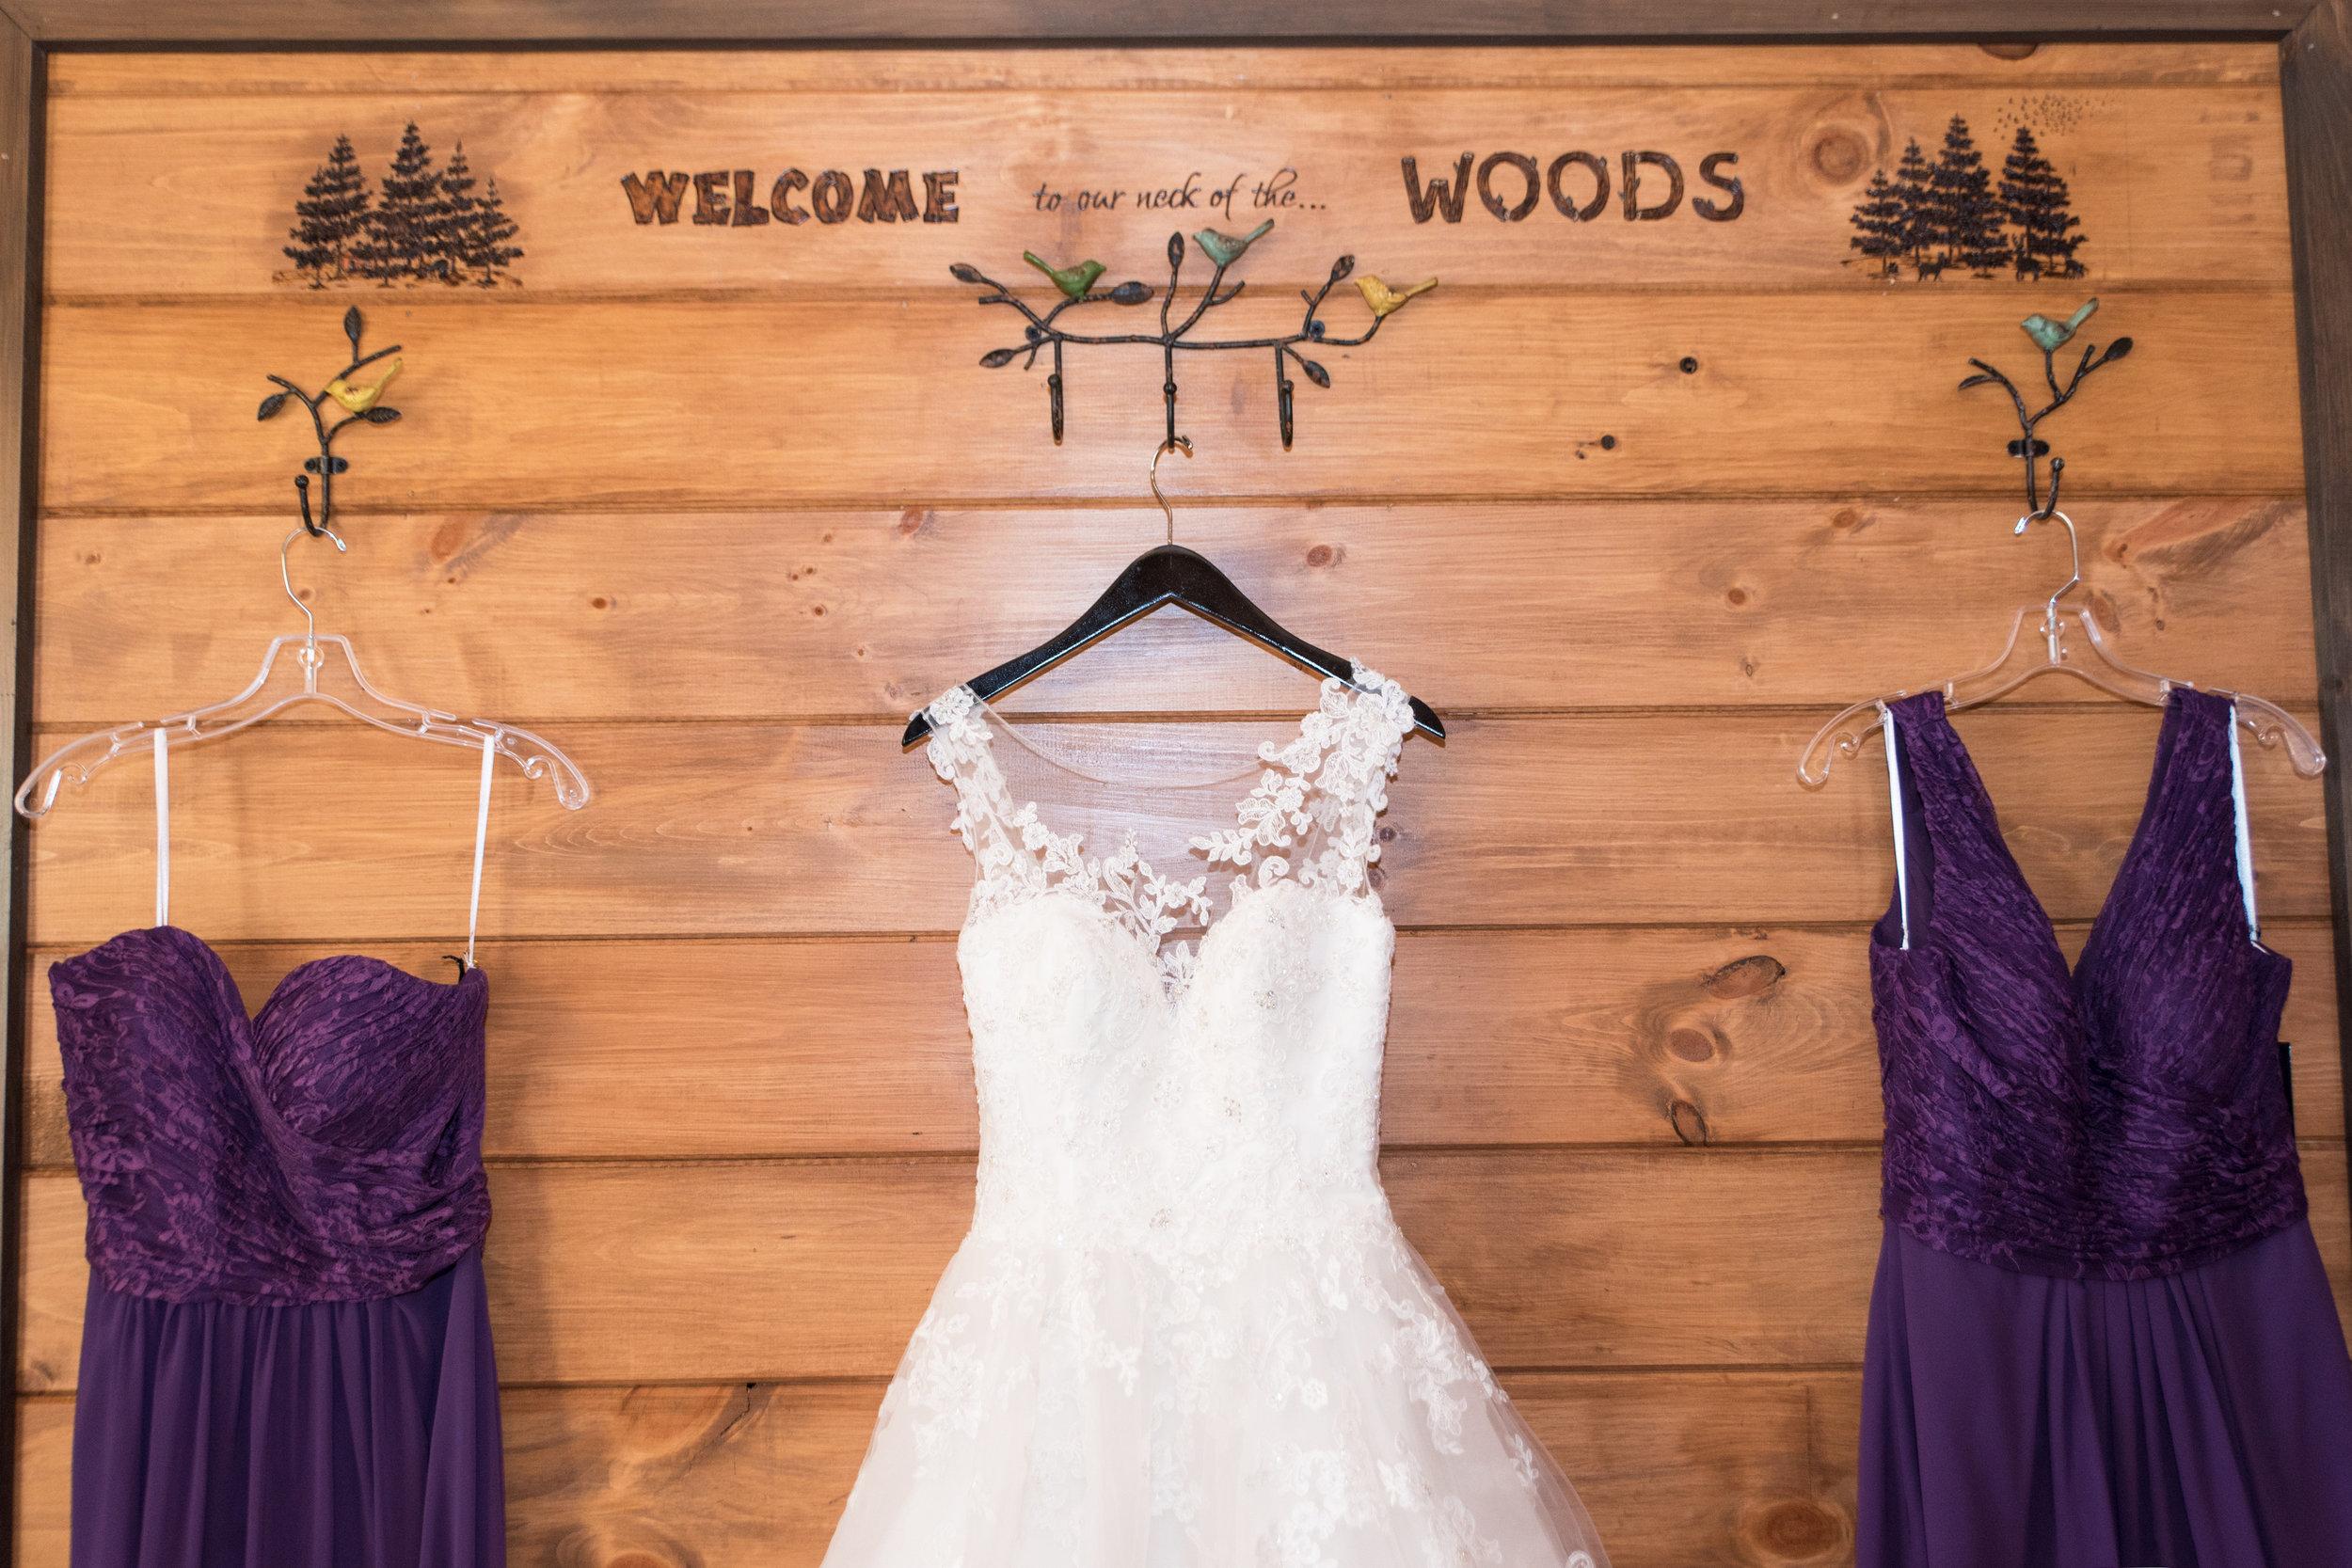 Wood Lakeside Events Wedding Expo 2017-JPEG-0052.jpg